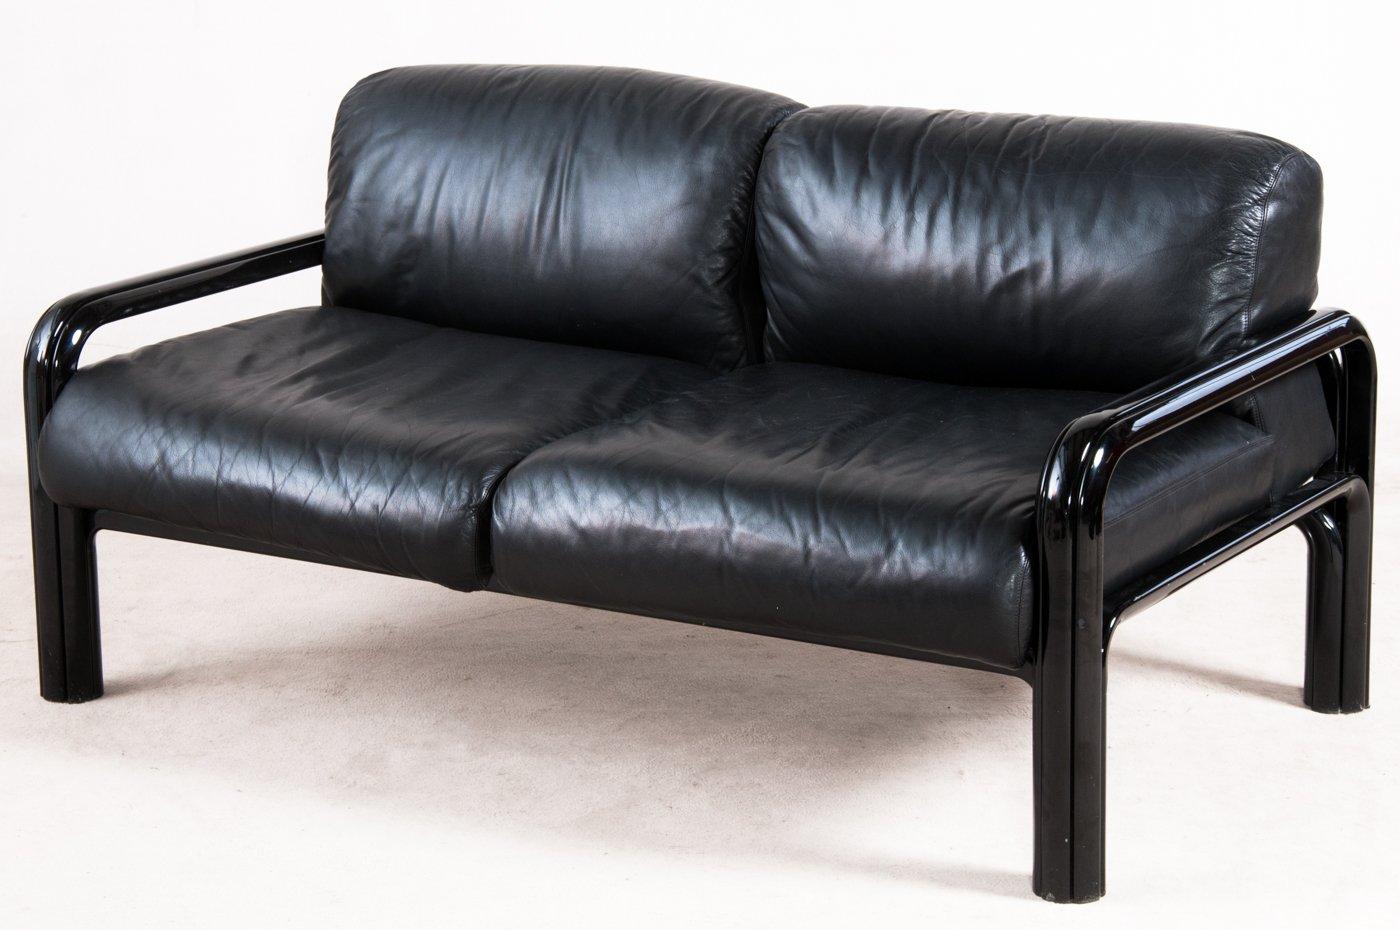 Canap en acier et cuir par gae aulenti pour knoll for Fabricant canape cuir france